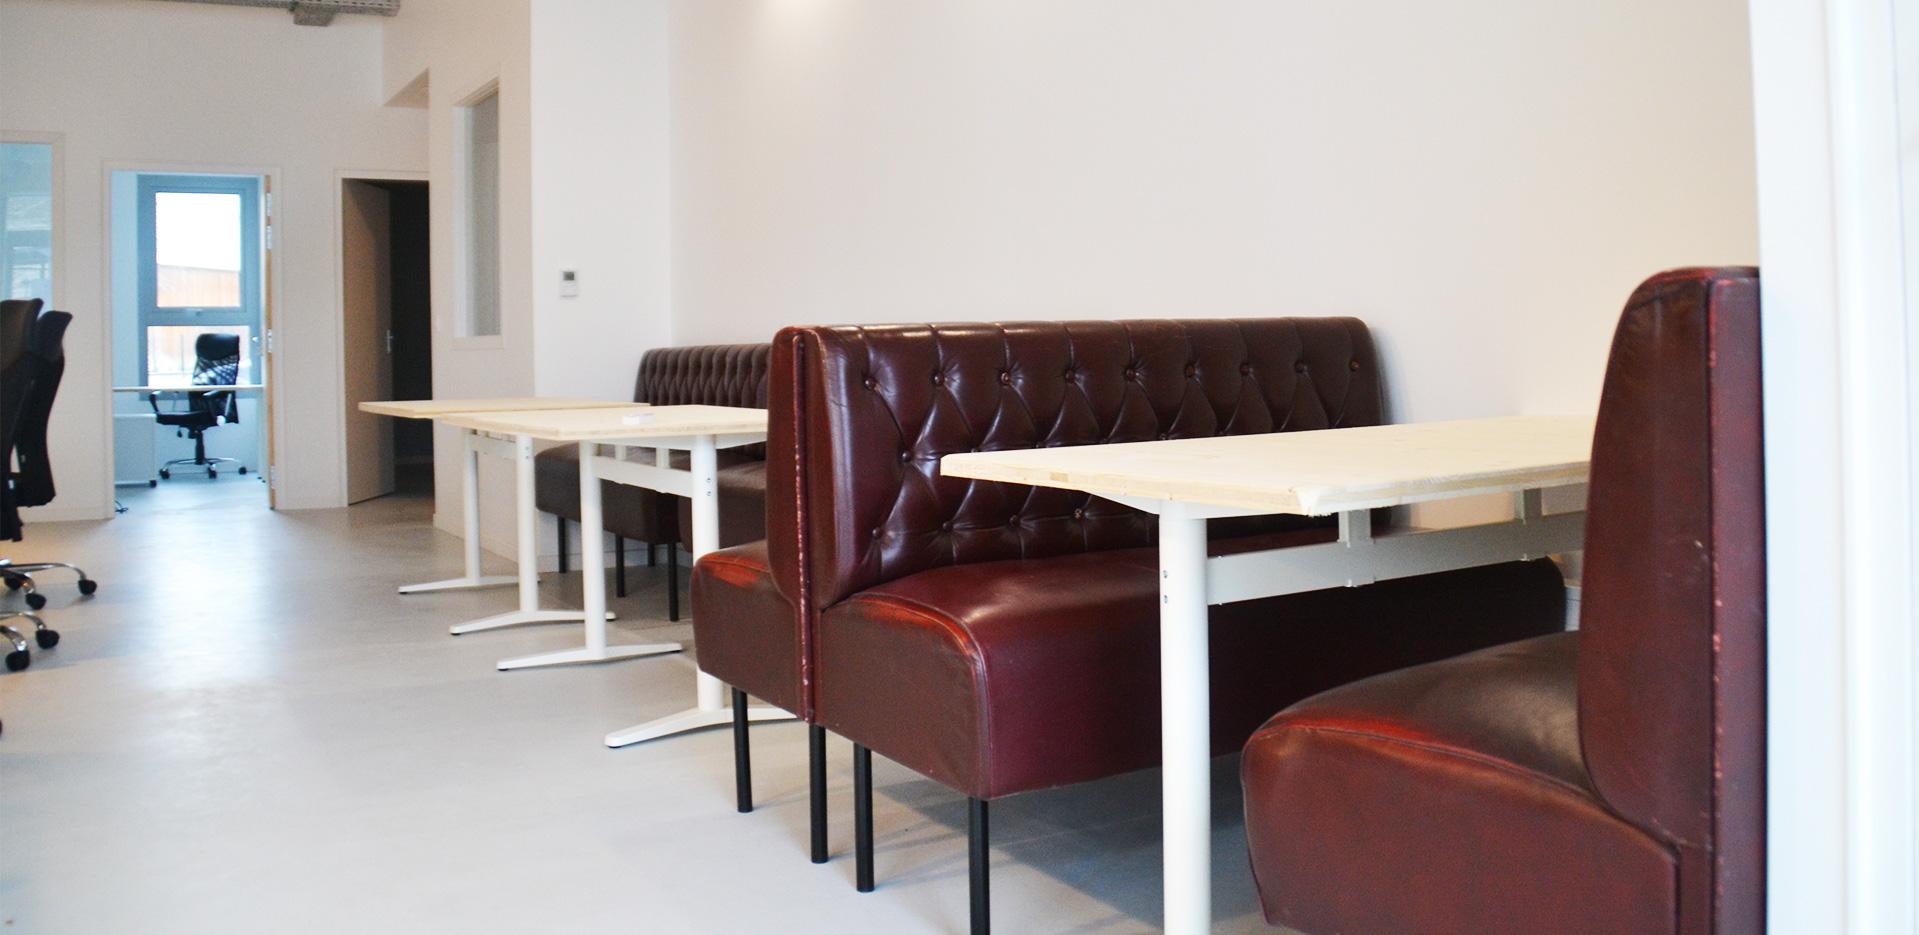 Banquettes et tables pour travailler en coworking